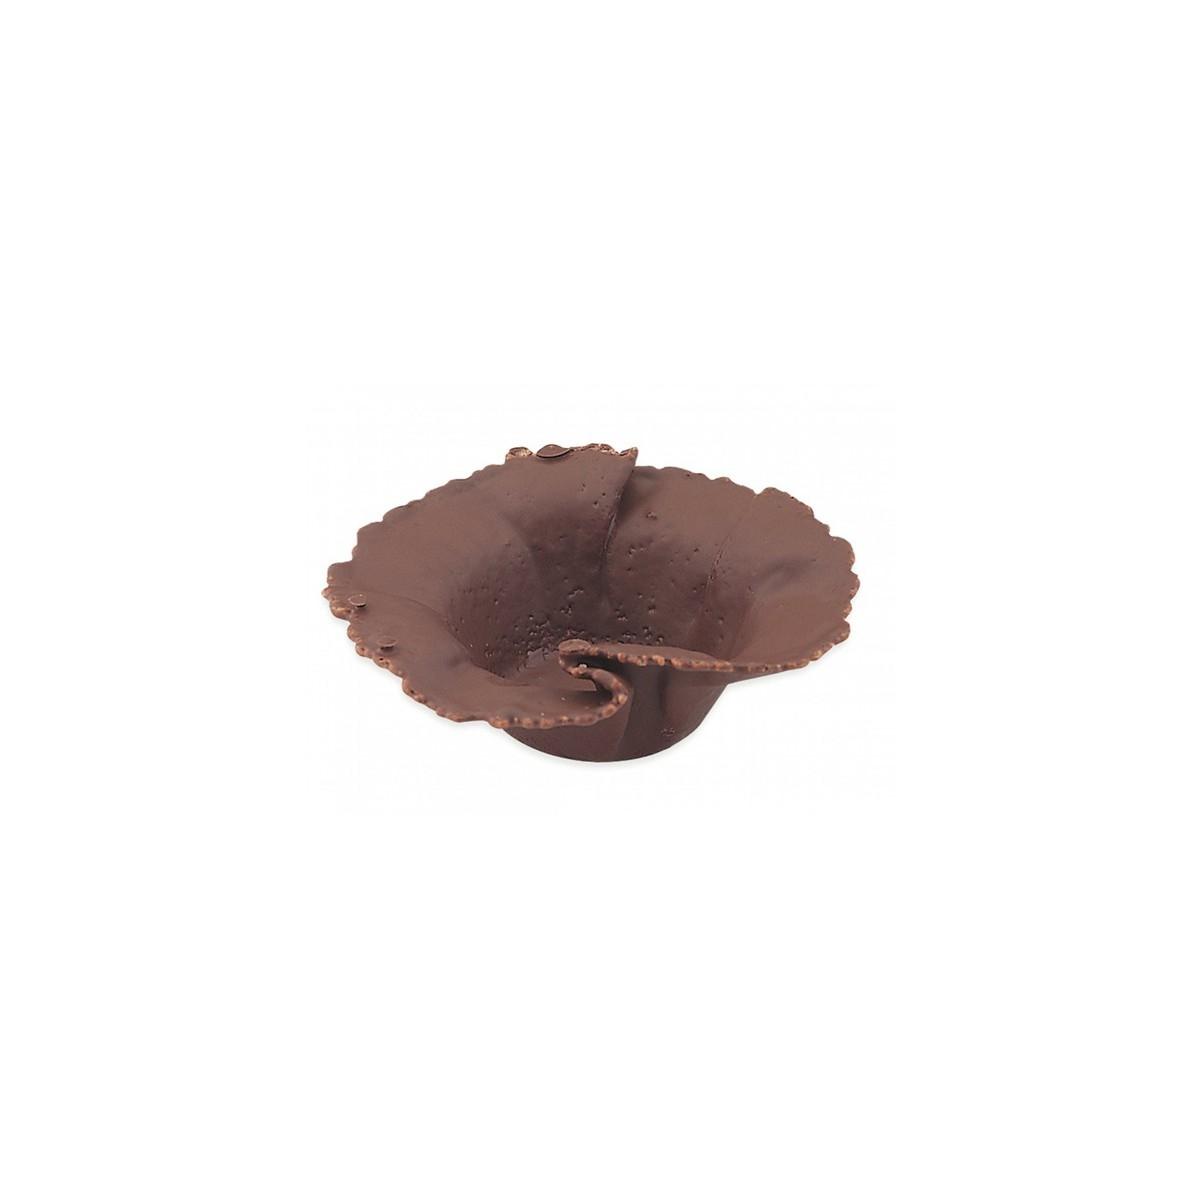 Tulipa cesta de chocolate